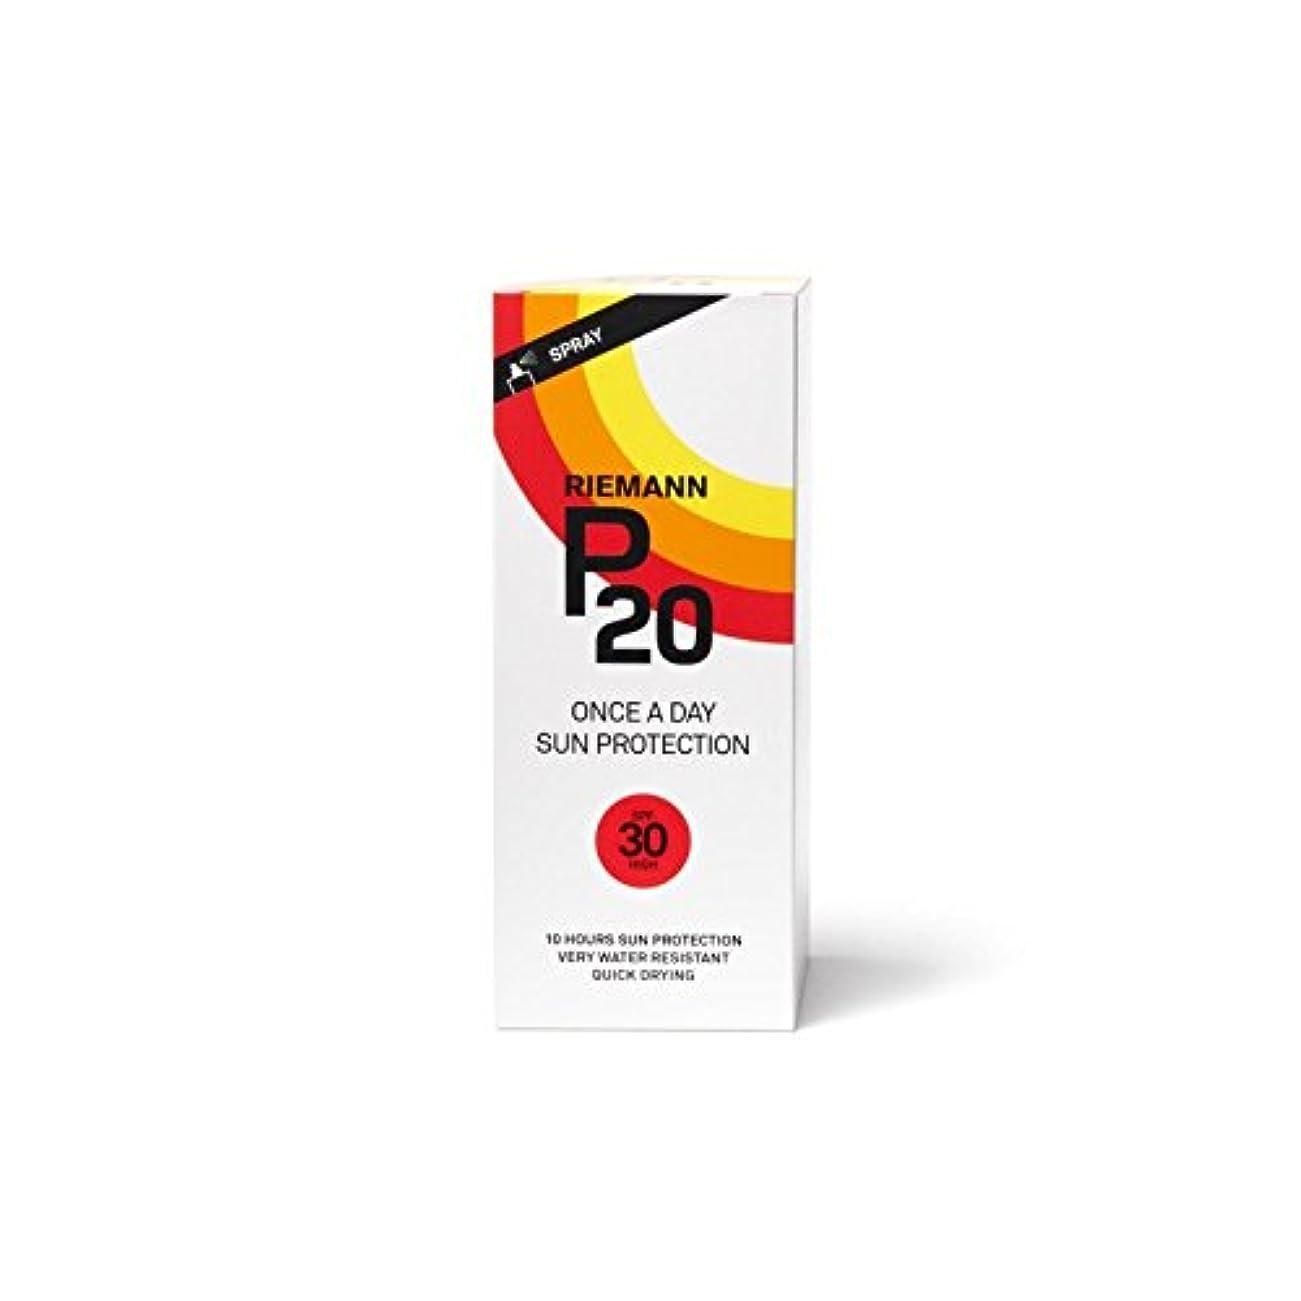 咳フォルダ不愉快にリーマン20のサンフィルター200ミリリットル30 x2 - Riemann P20 Sun Filter 200ml SPF30 (Pack of 2) [並行輸入品]